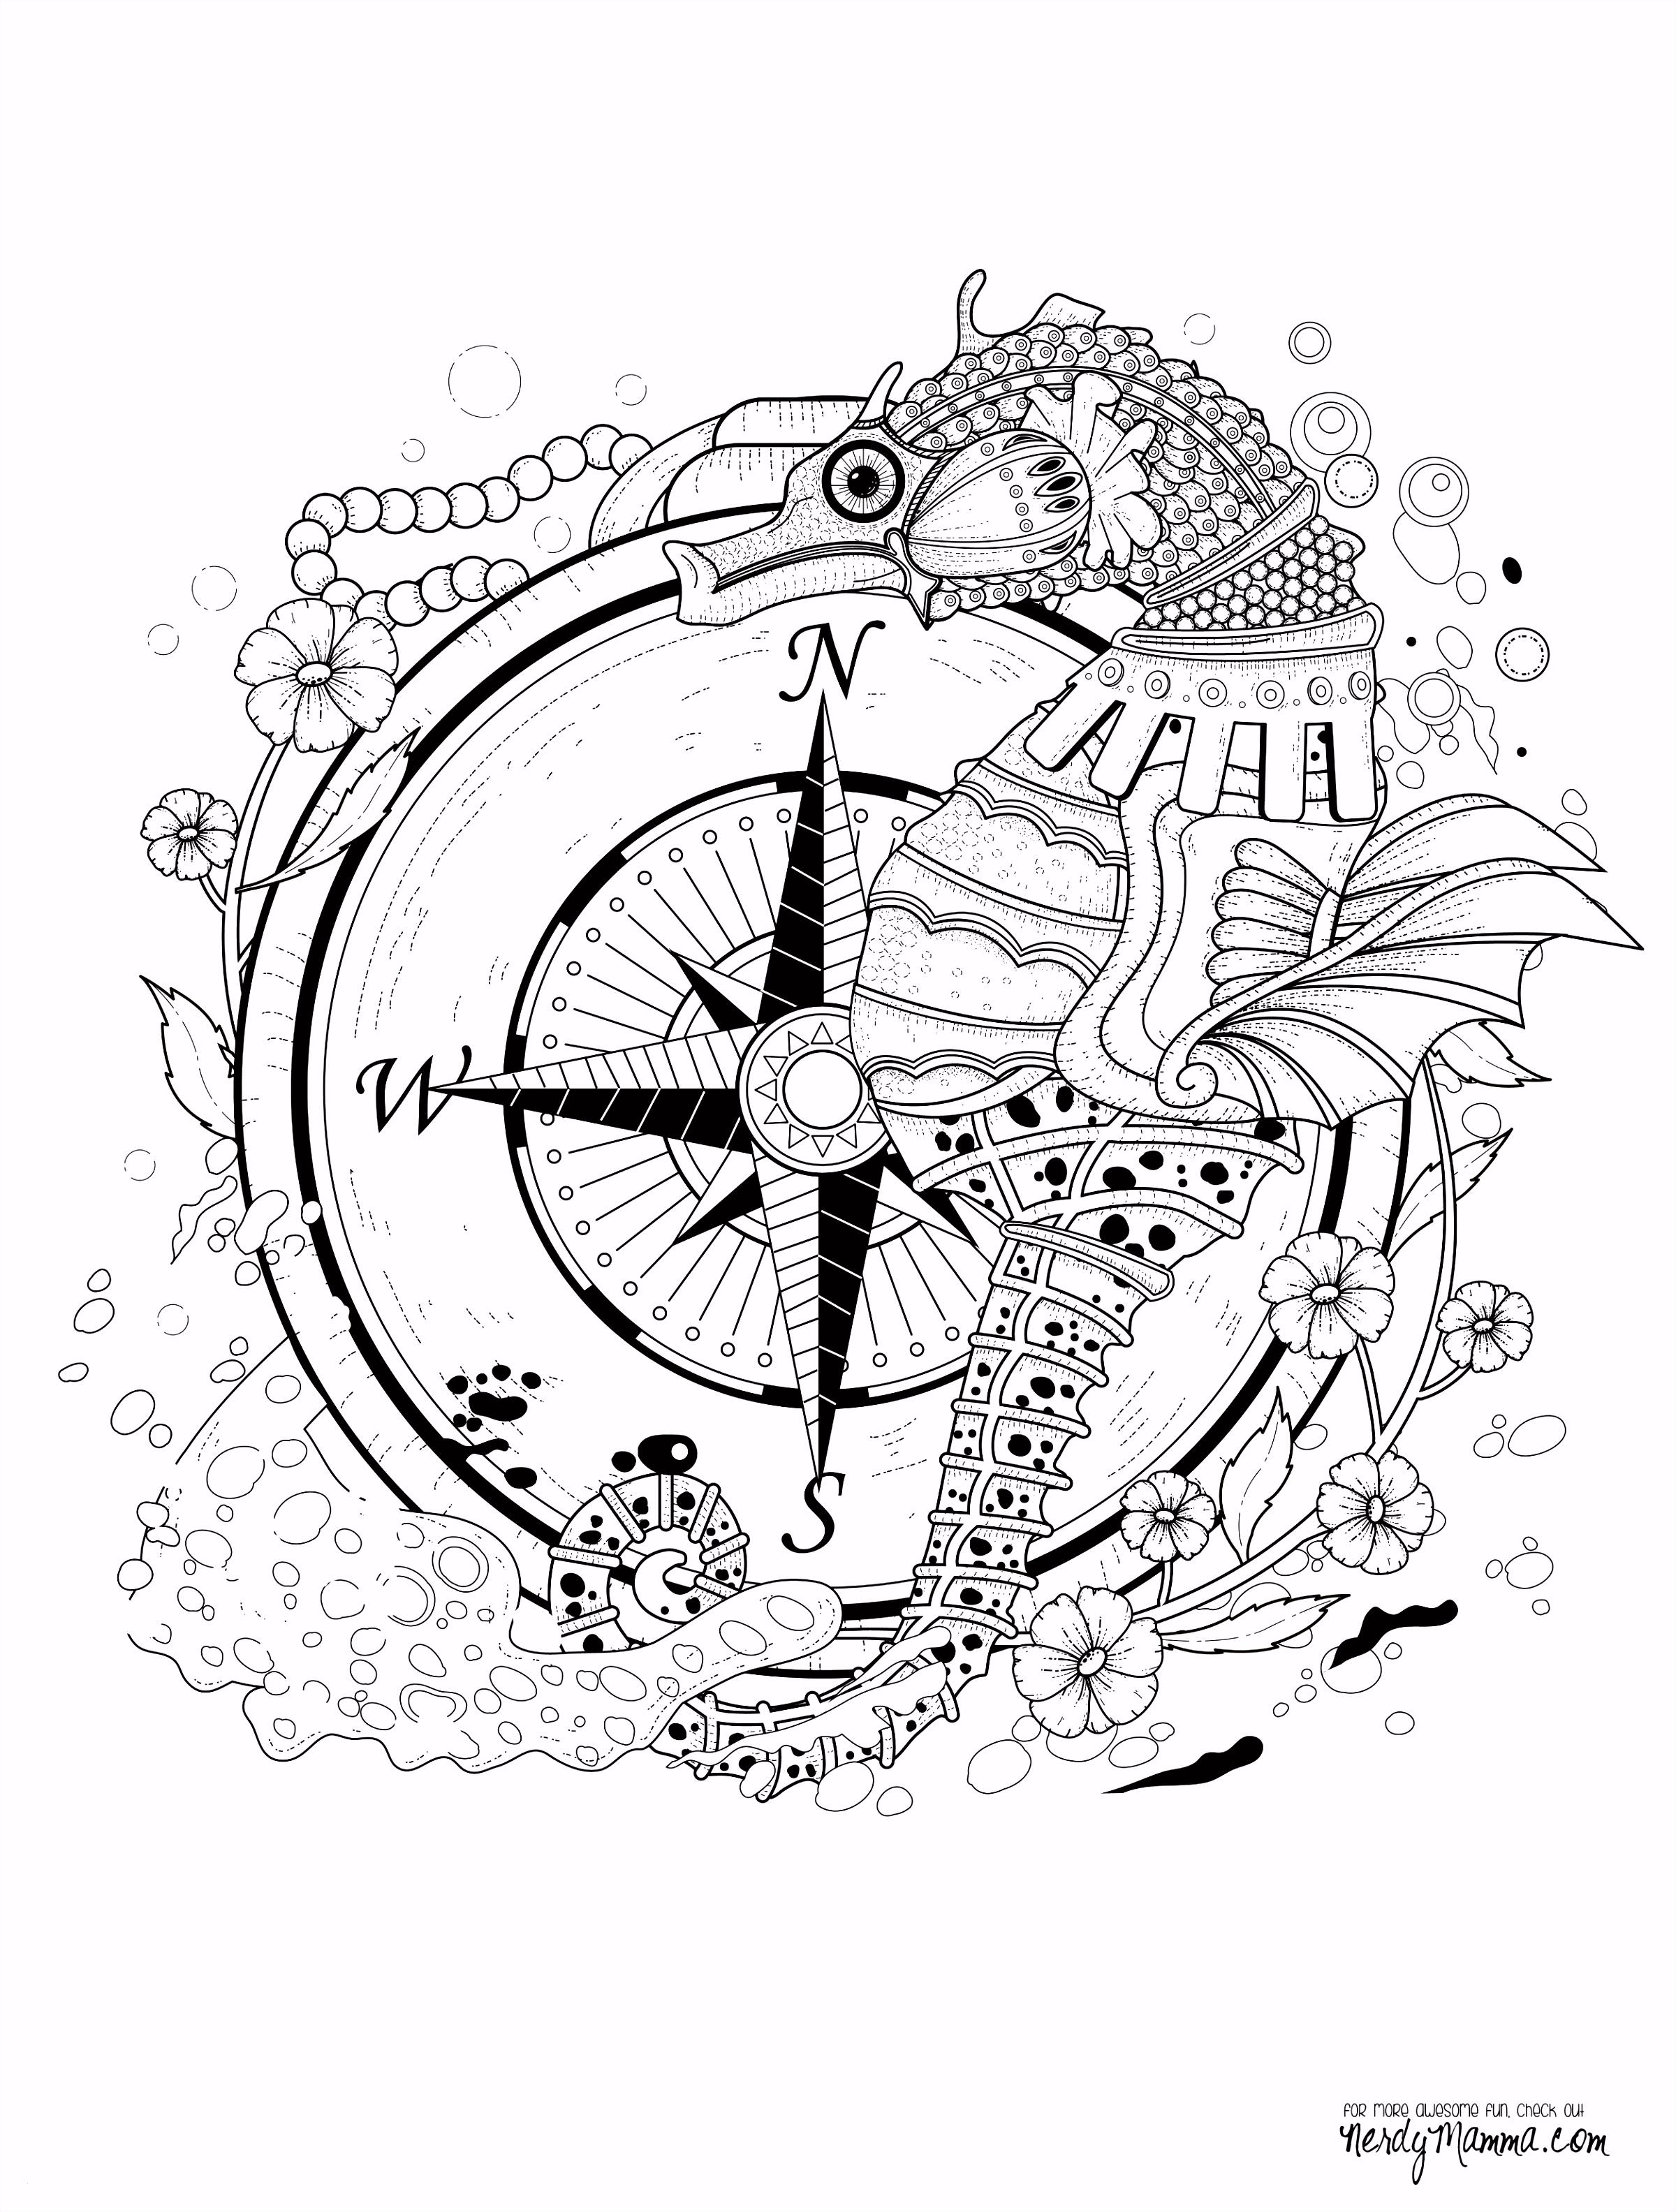 Mandala Ausdrucken Erwachsene Frisch Coloring Page Sawoff Shotgun